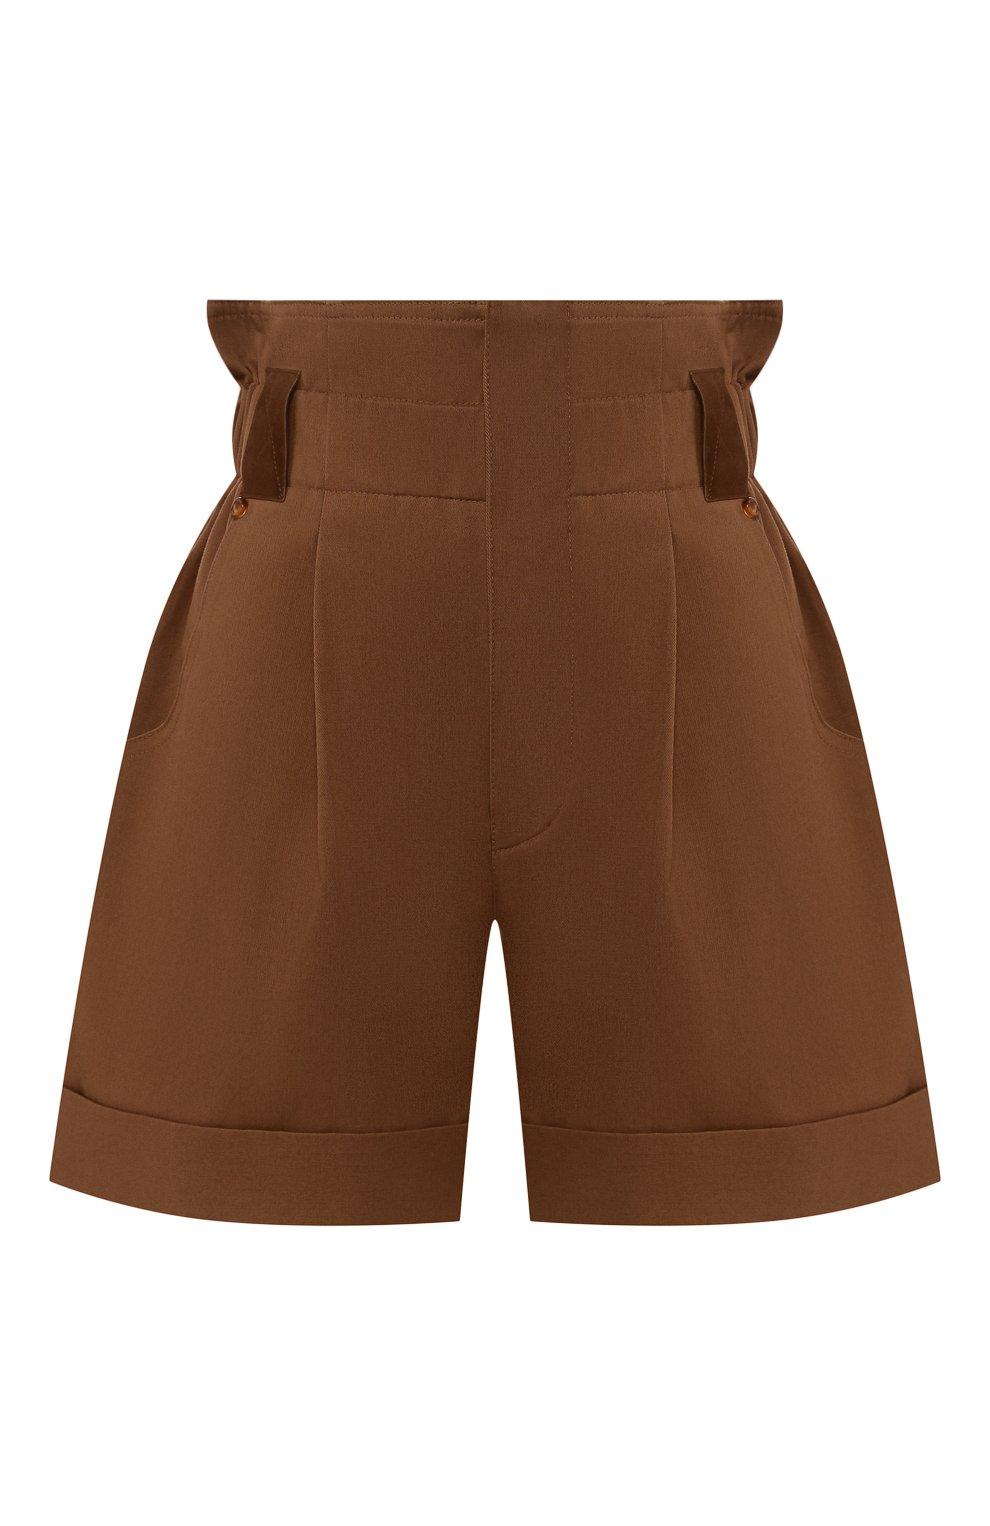 Женские хлопковые шорты FENDI коричневого цвета, арт. FR6256 A5YS | Фото 1 (Женское Кросс-КТ: Шорты-одежда; Длина Ж (юбки, платья, шорты): Мини; Материал внешний: Хлопок; Стили: Кэжуэл)